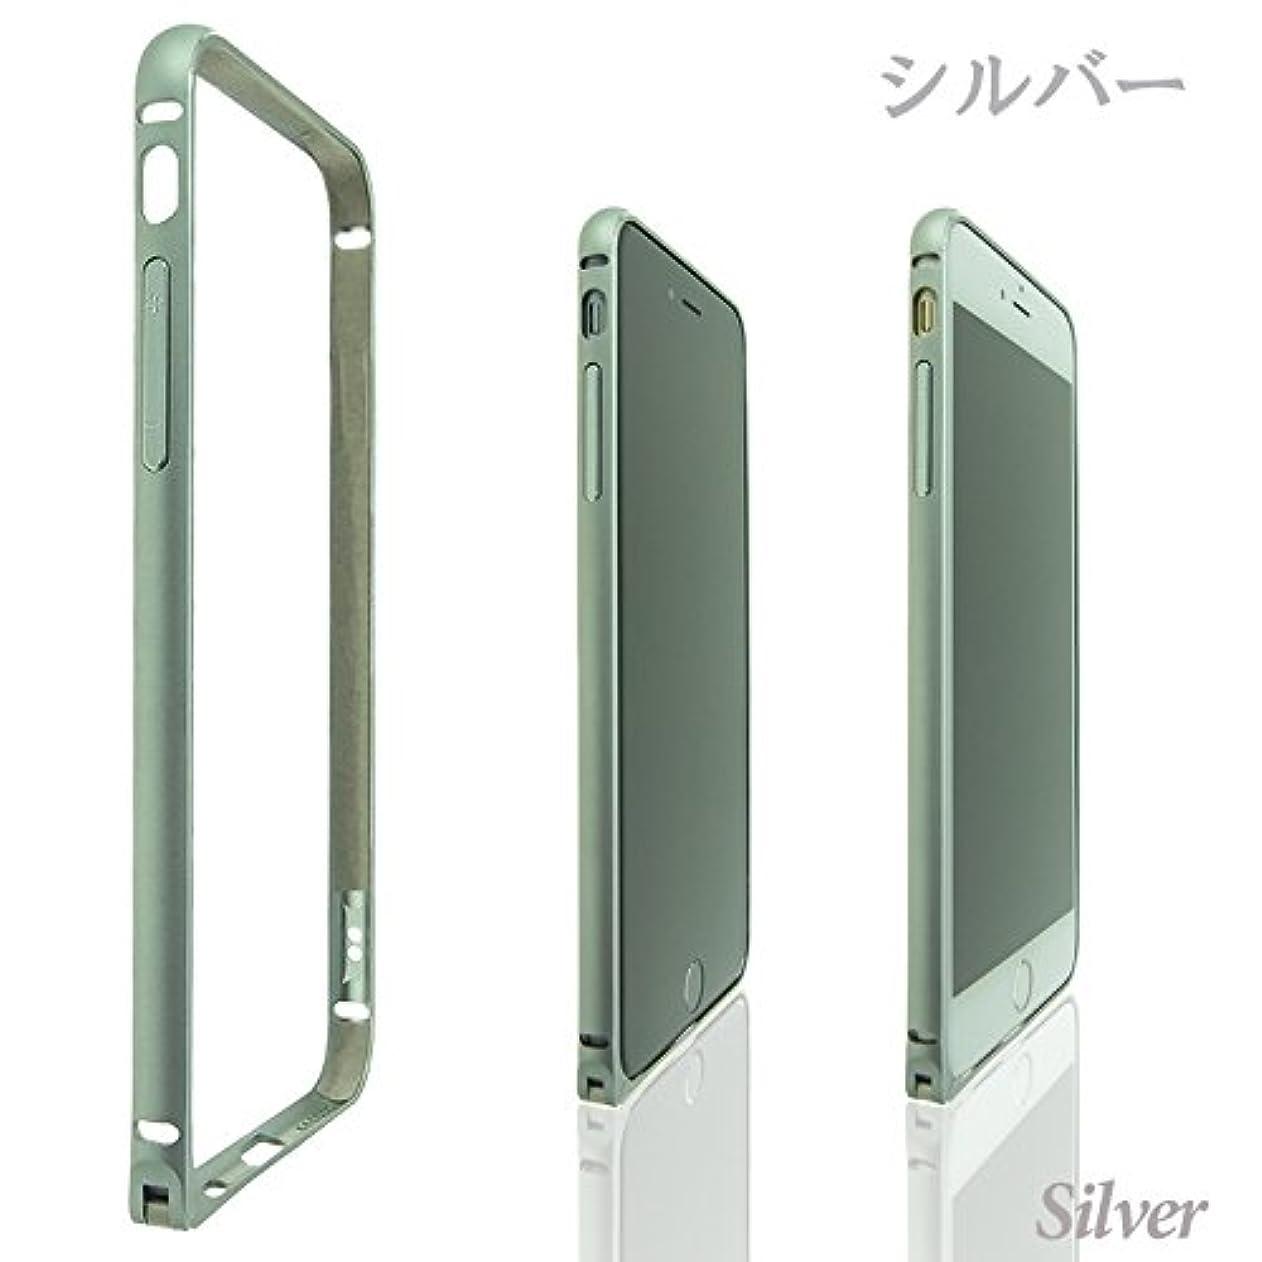 ミネラル国汚染されたiPhone6 plus /iPhone6S plus用 ストラップホール付き アルミバンパー(シルバー)